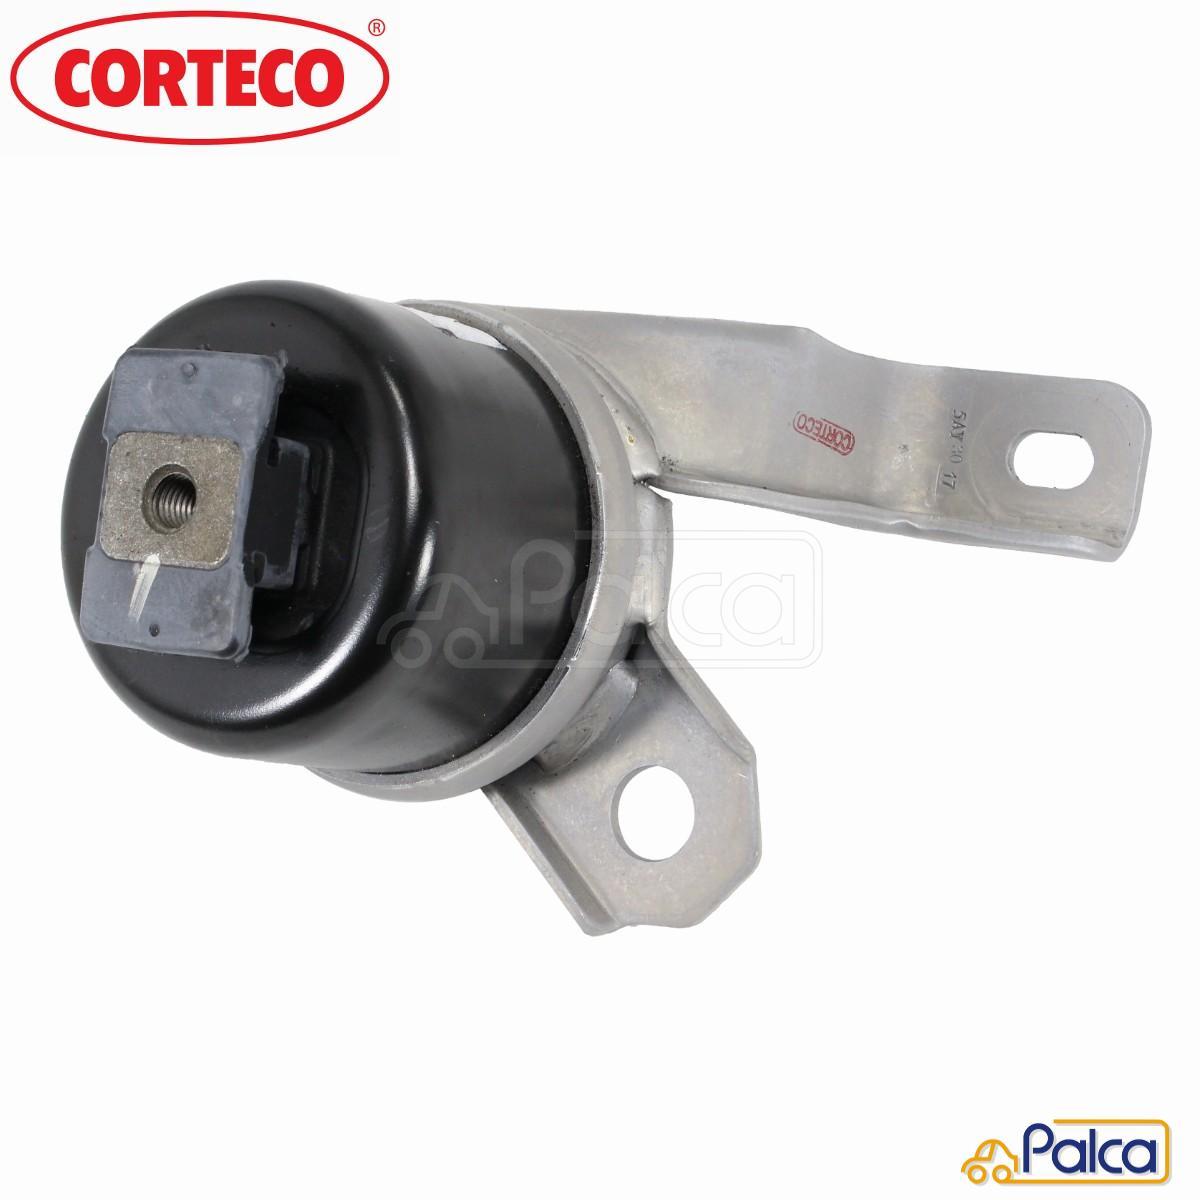 【あす楽】ボルボ エンジンマウント 右 S60II   S80II   V60   V70III   XC60   XC70II   3.0 3.2用 CORTECO製 31257674